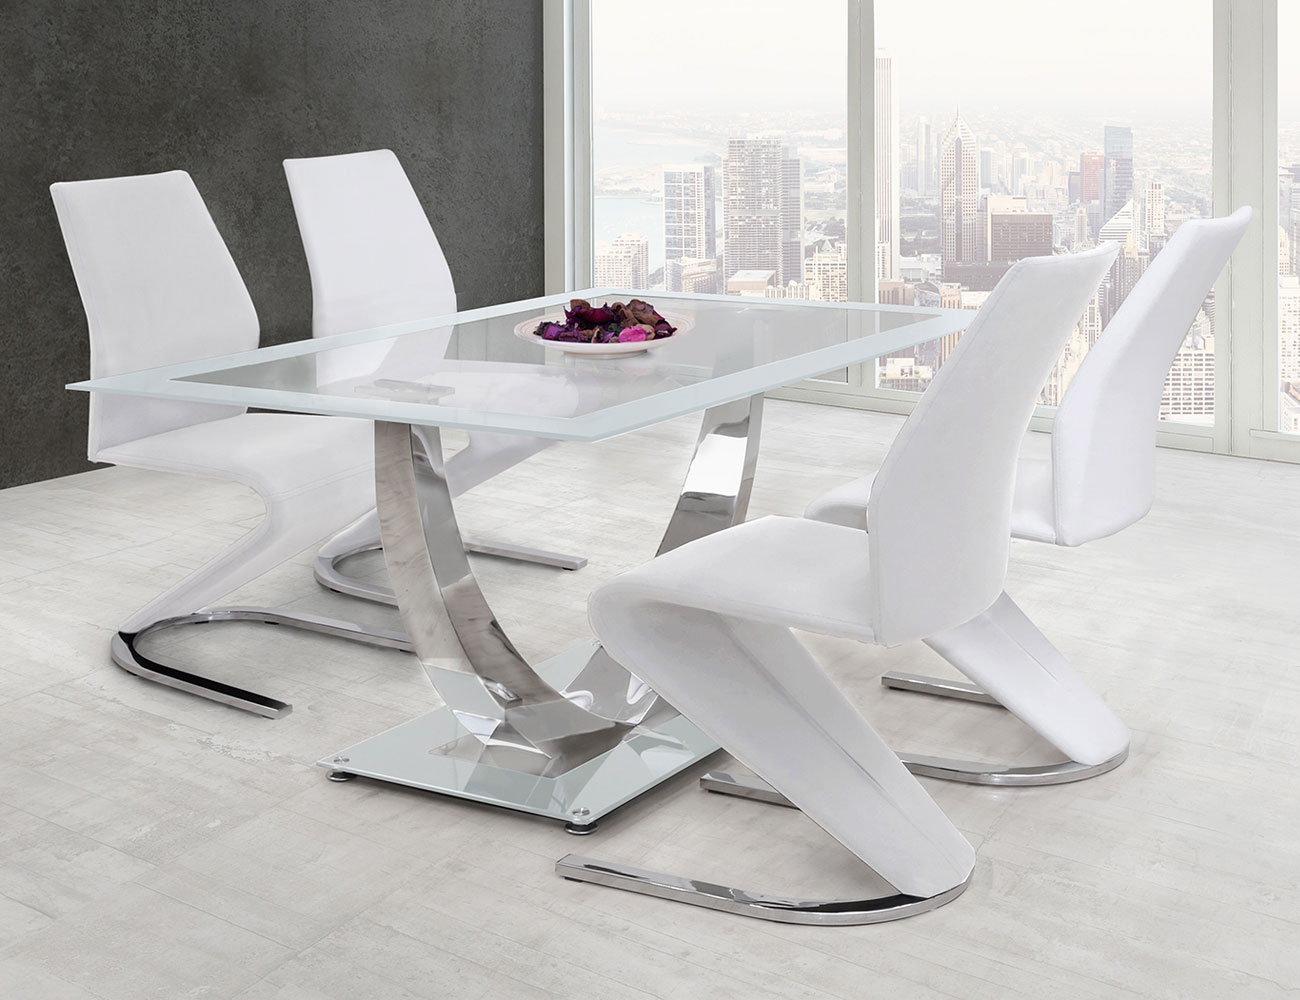 Mesa de comedor de cristal templado decorativa en blanco (21496 ...